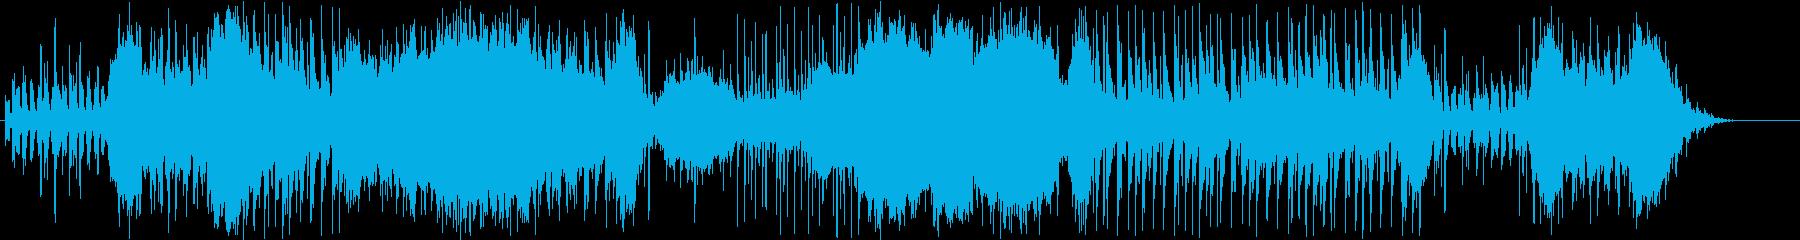 ファンタジーRPGのバトルの再生済みの波形